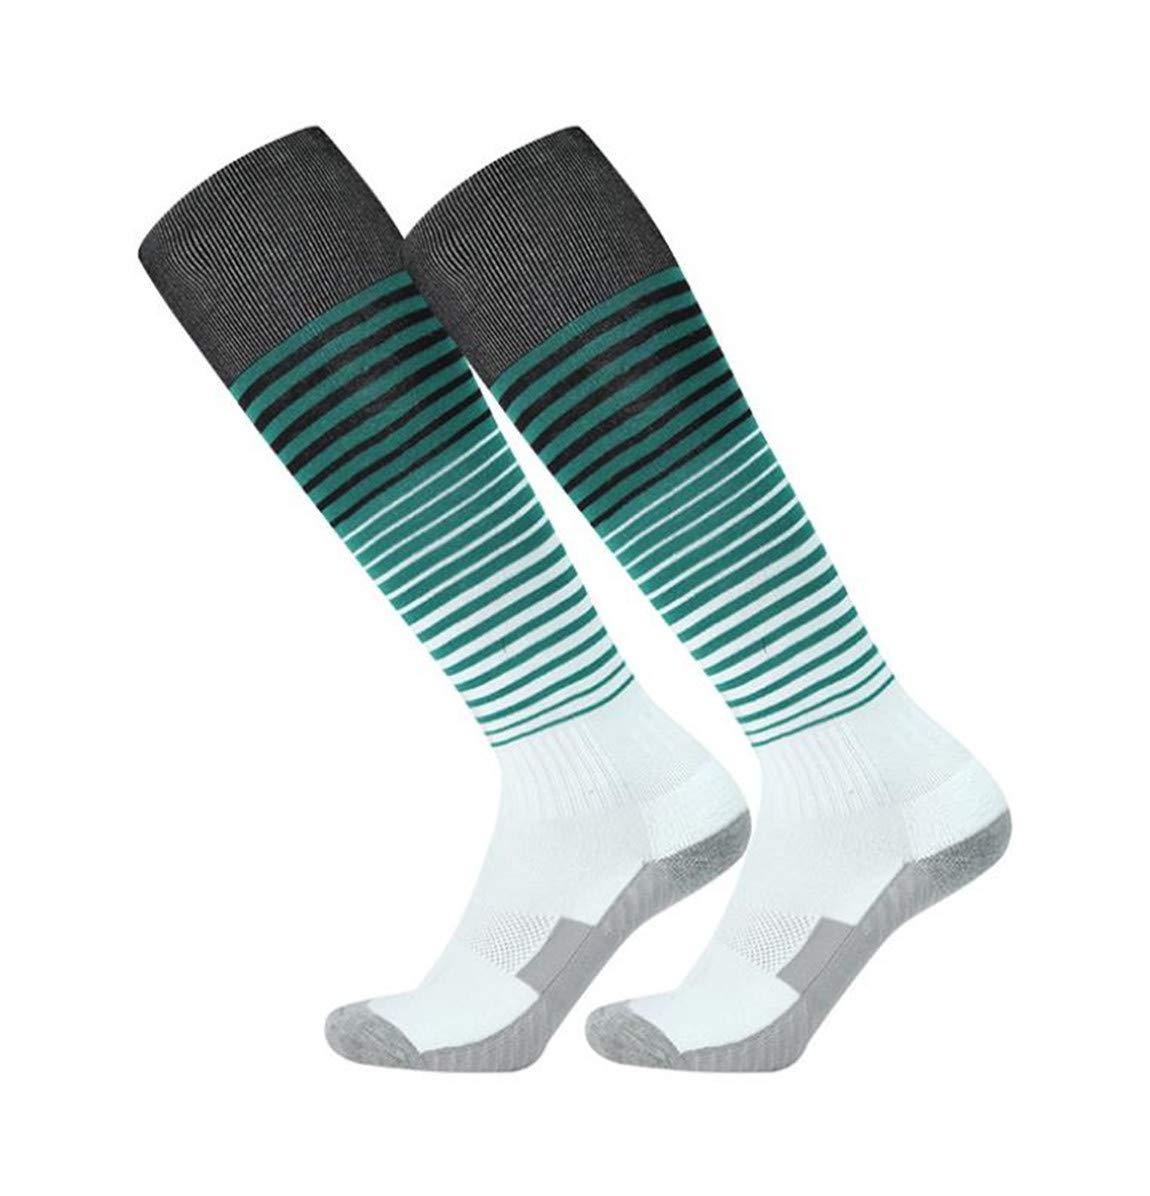 ACVIP Unisex Adult Stripe Knee High Sports Tube Socks for Football Soccer Hockey